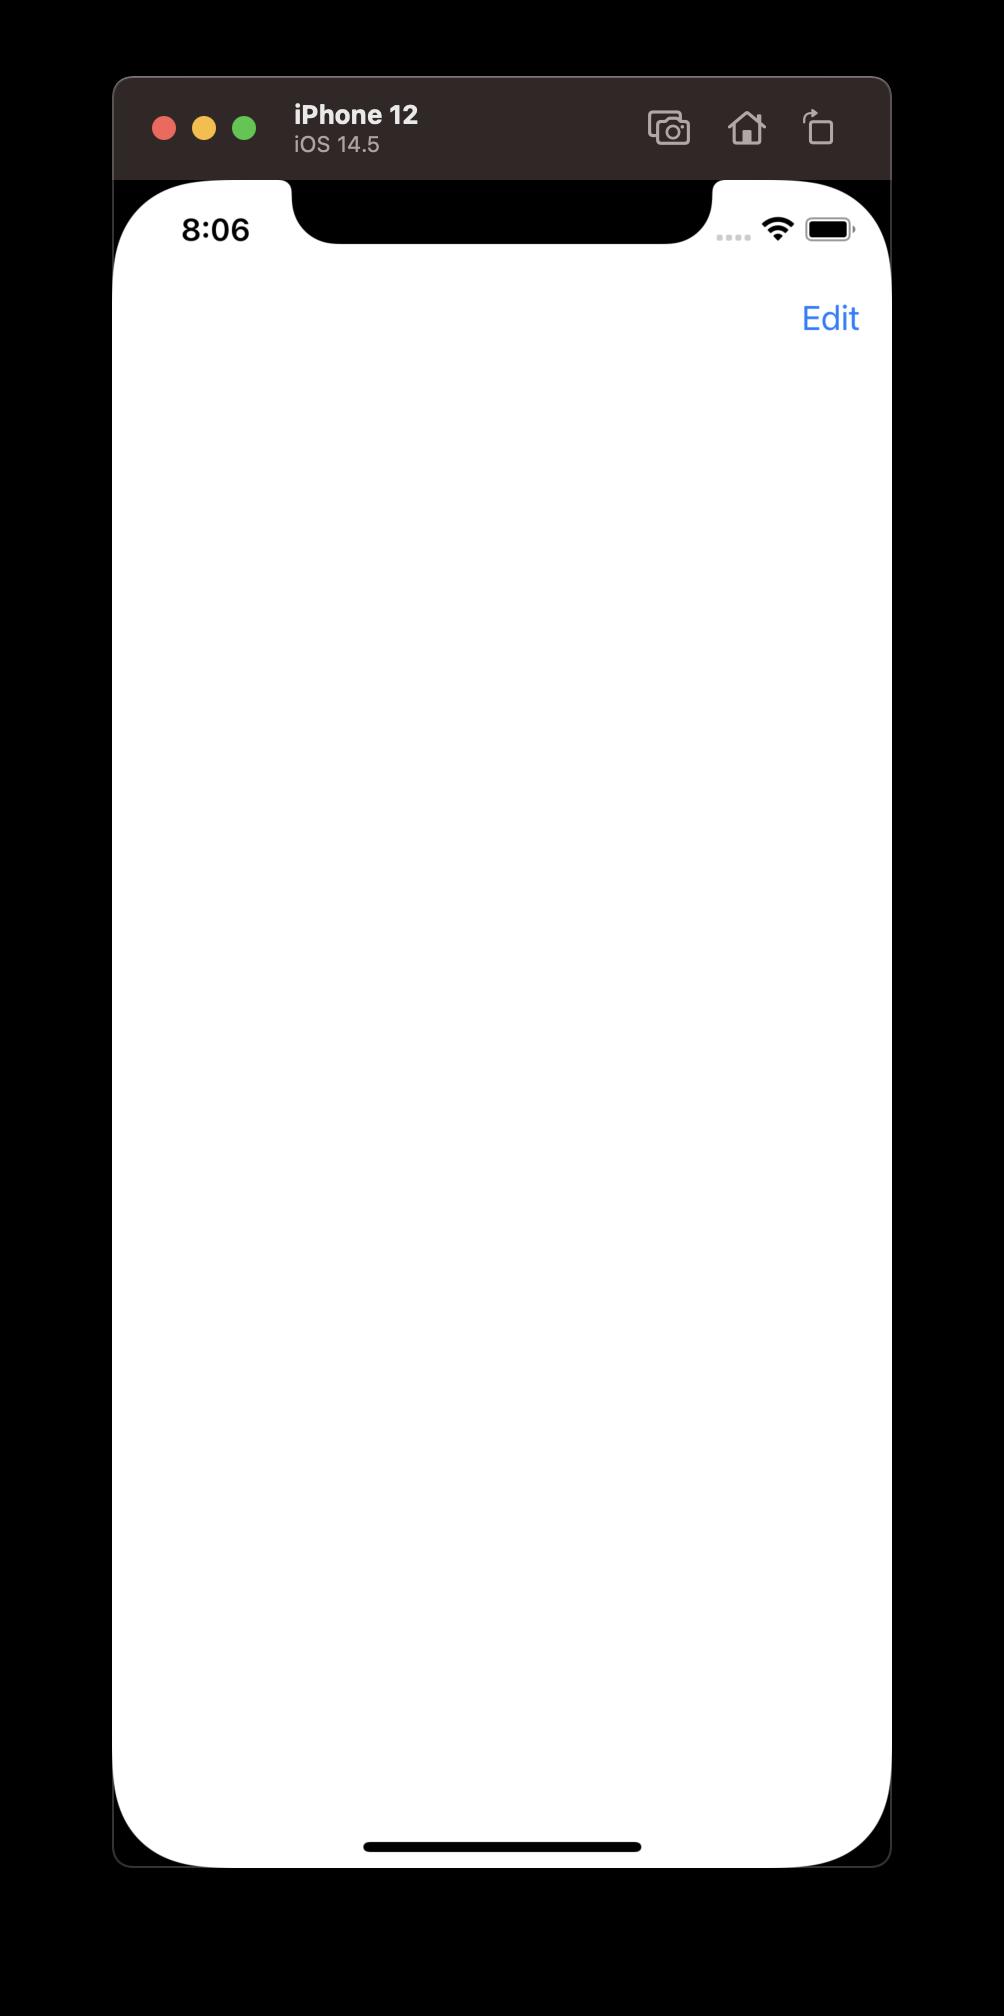 f:id:Koze:20210427080655p:plain:w400